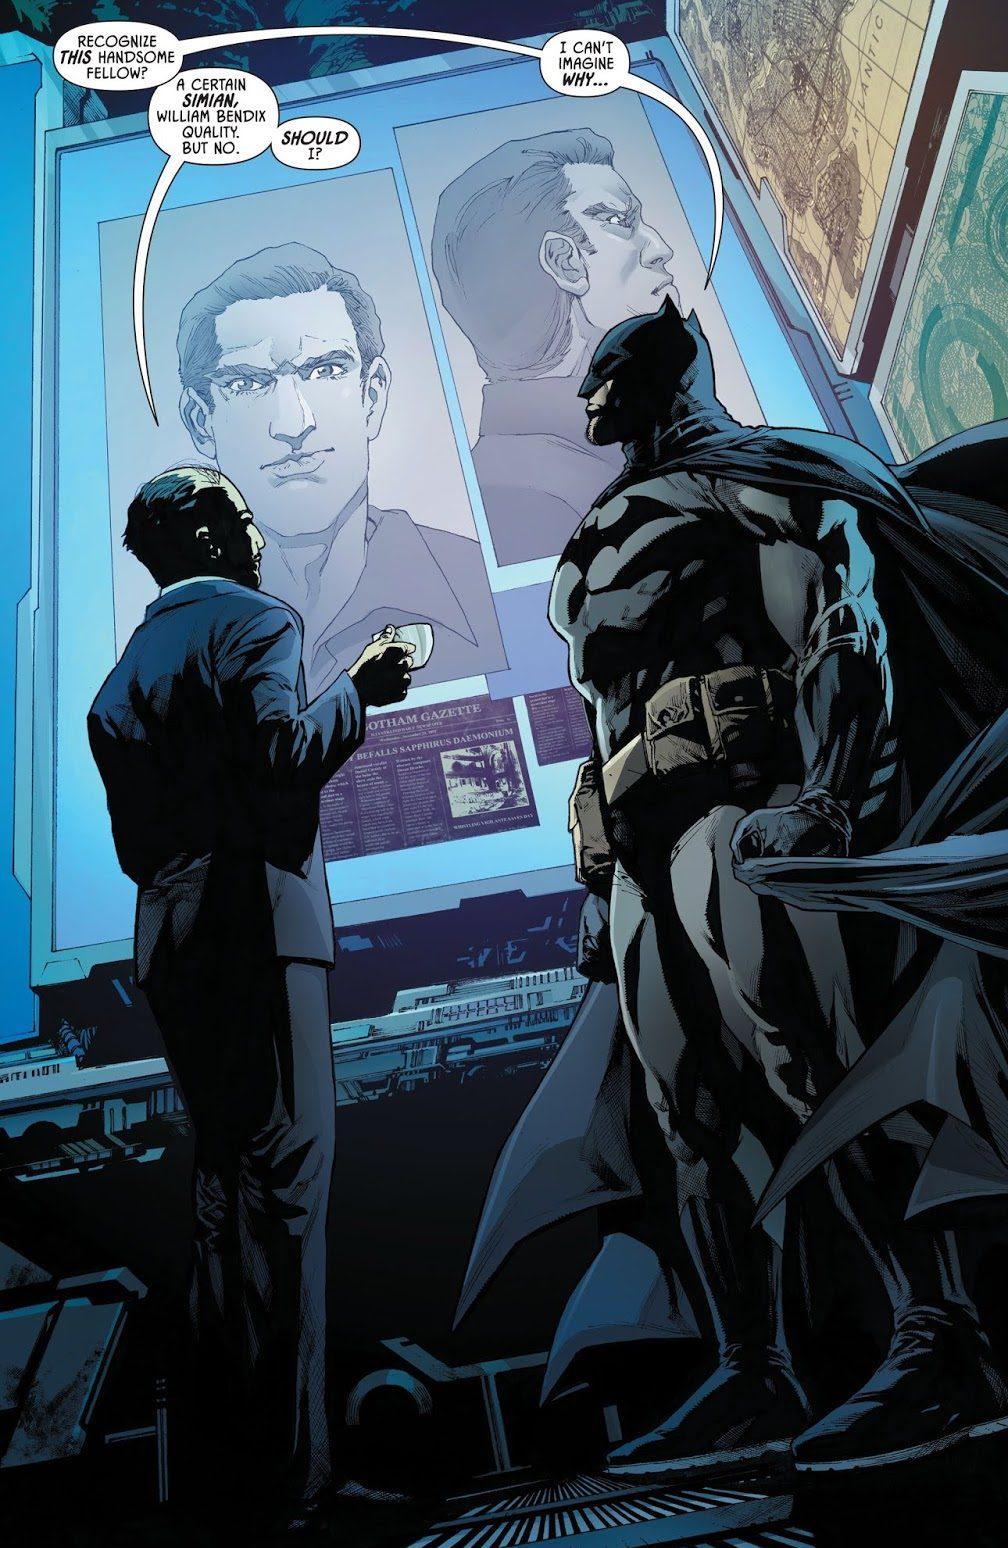 Batman (Detective Comics #989)